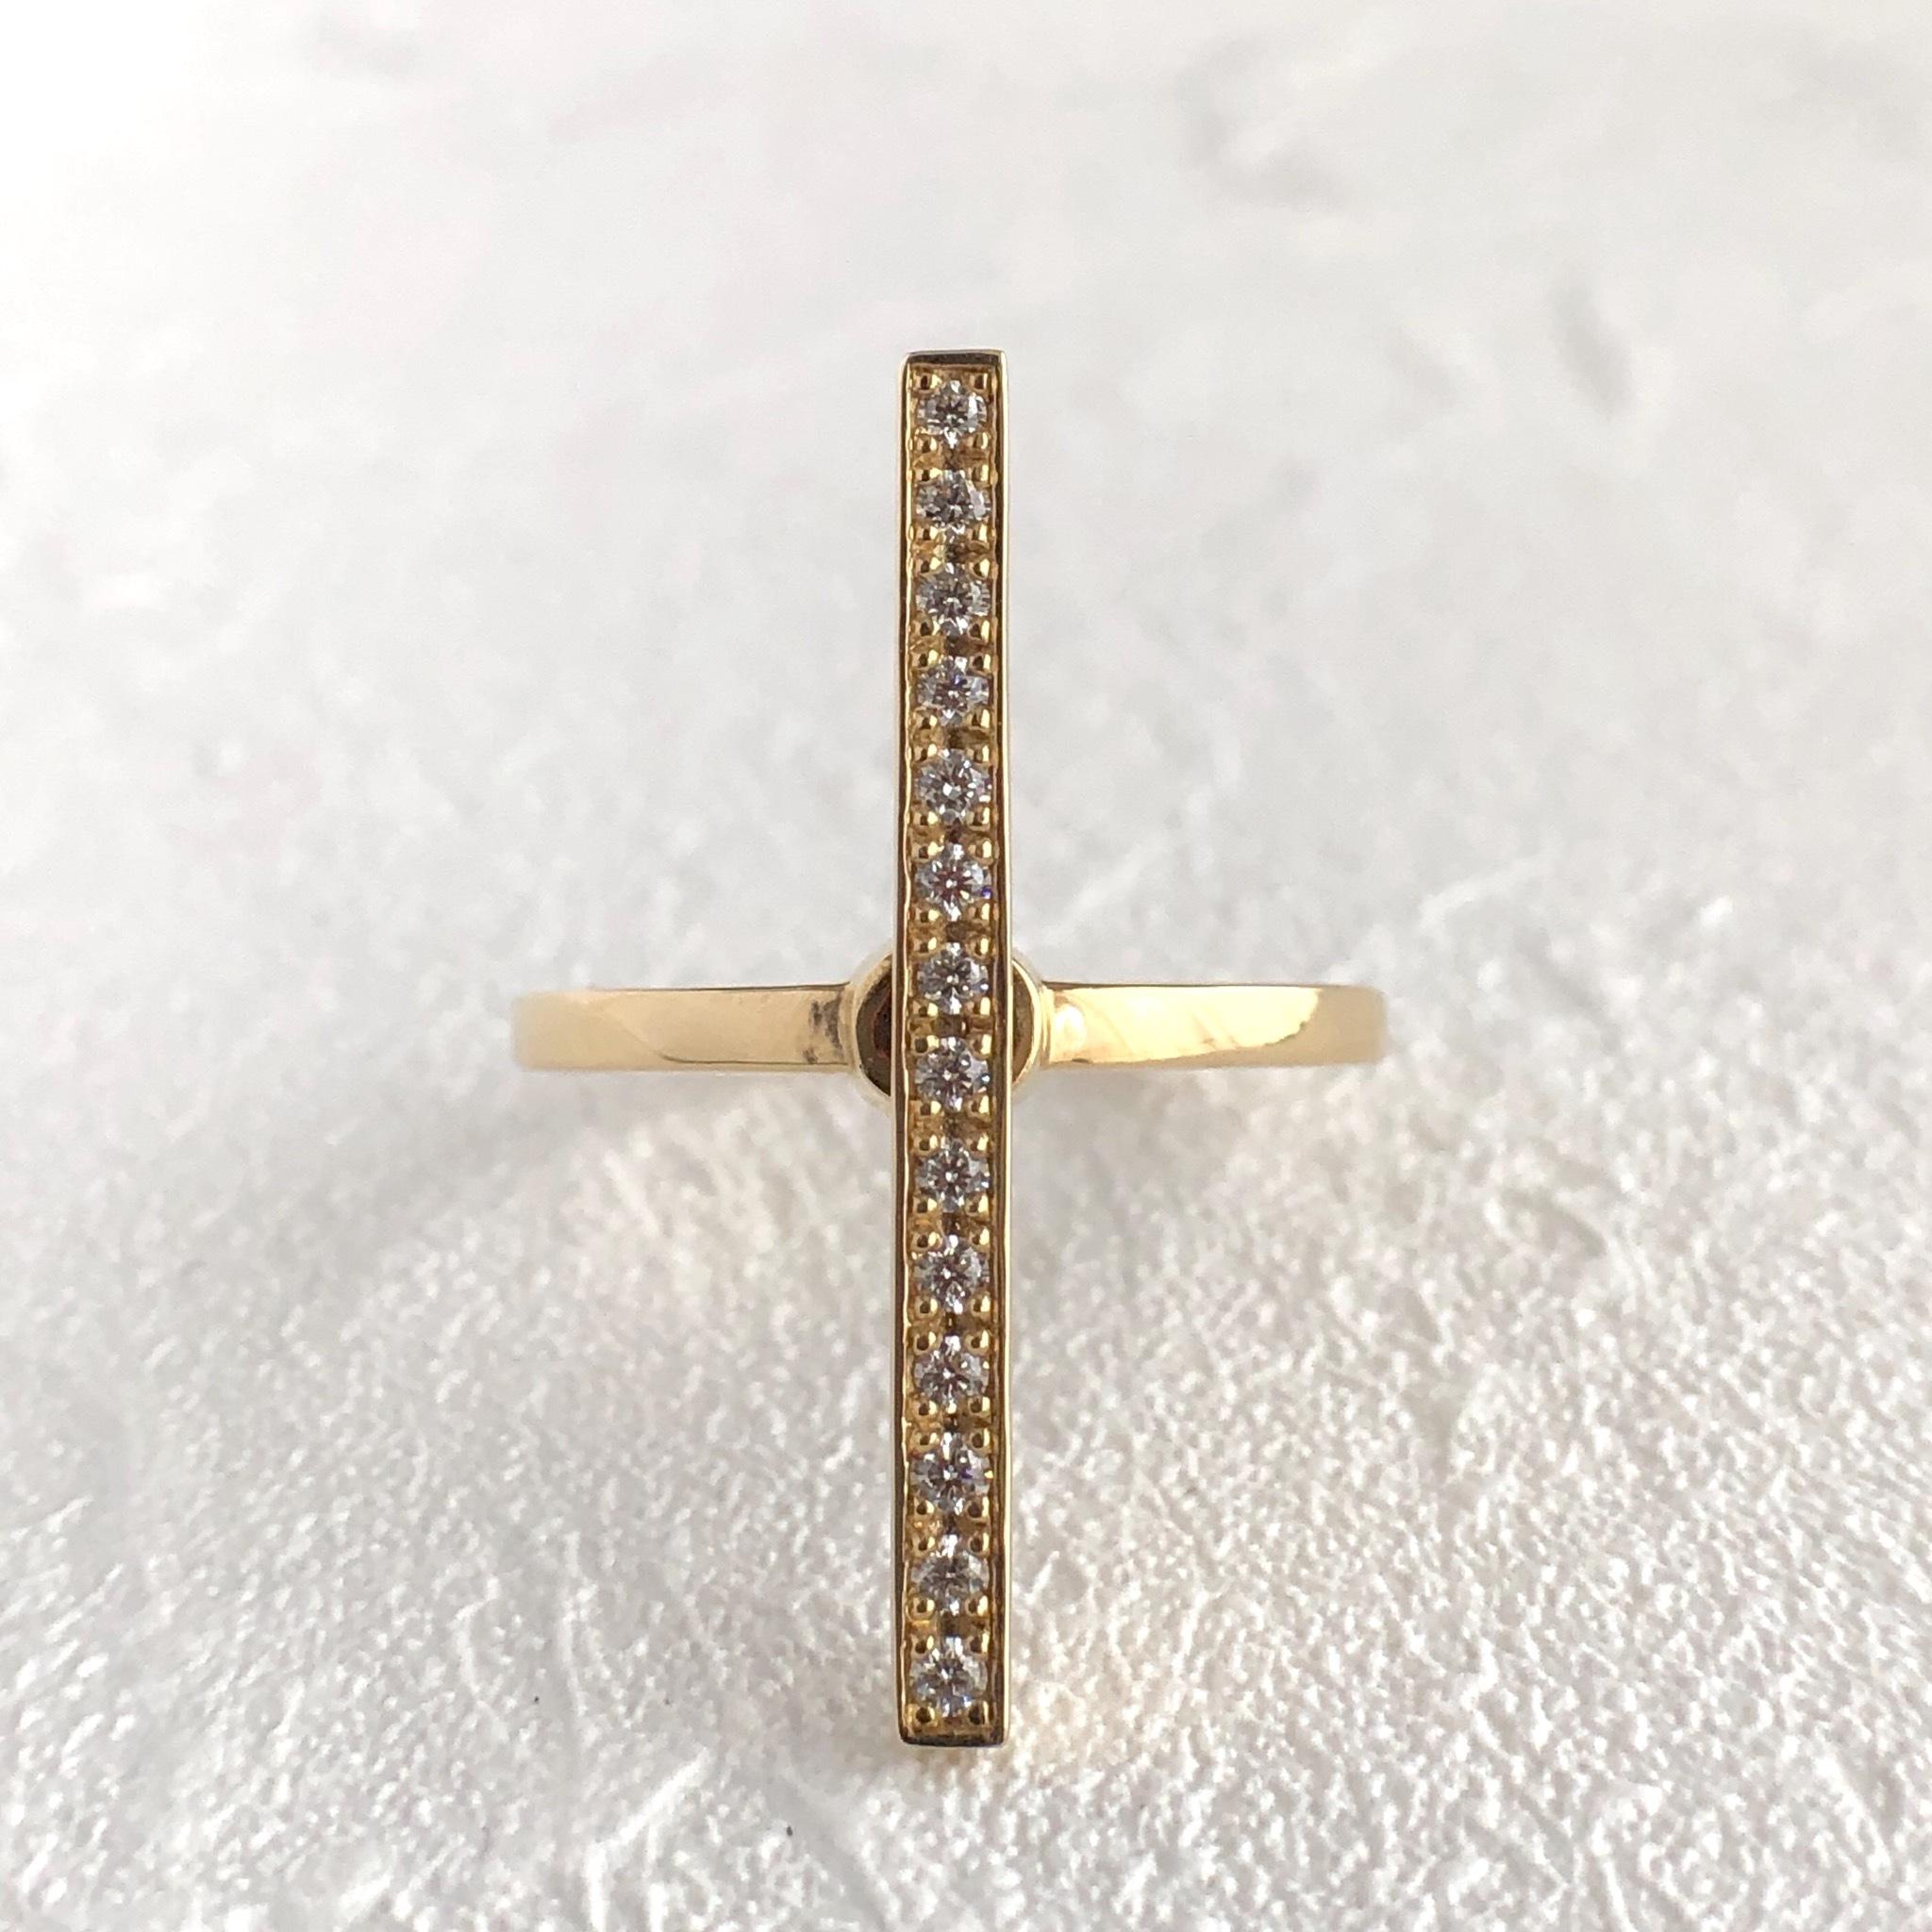 ダイヤモンド クロス リング K18イエローゴールド  チェカ